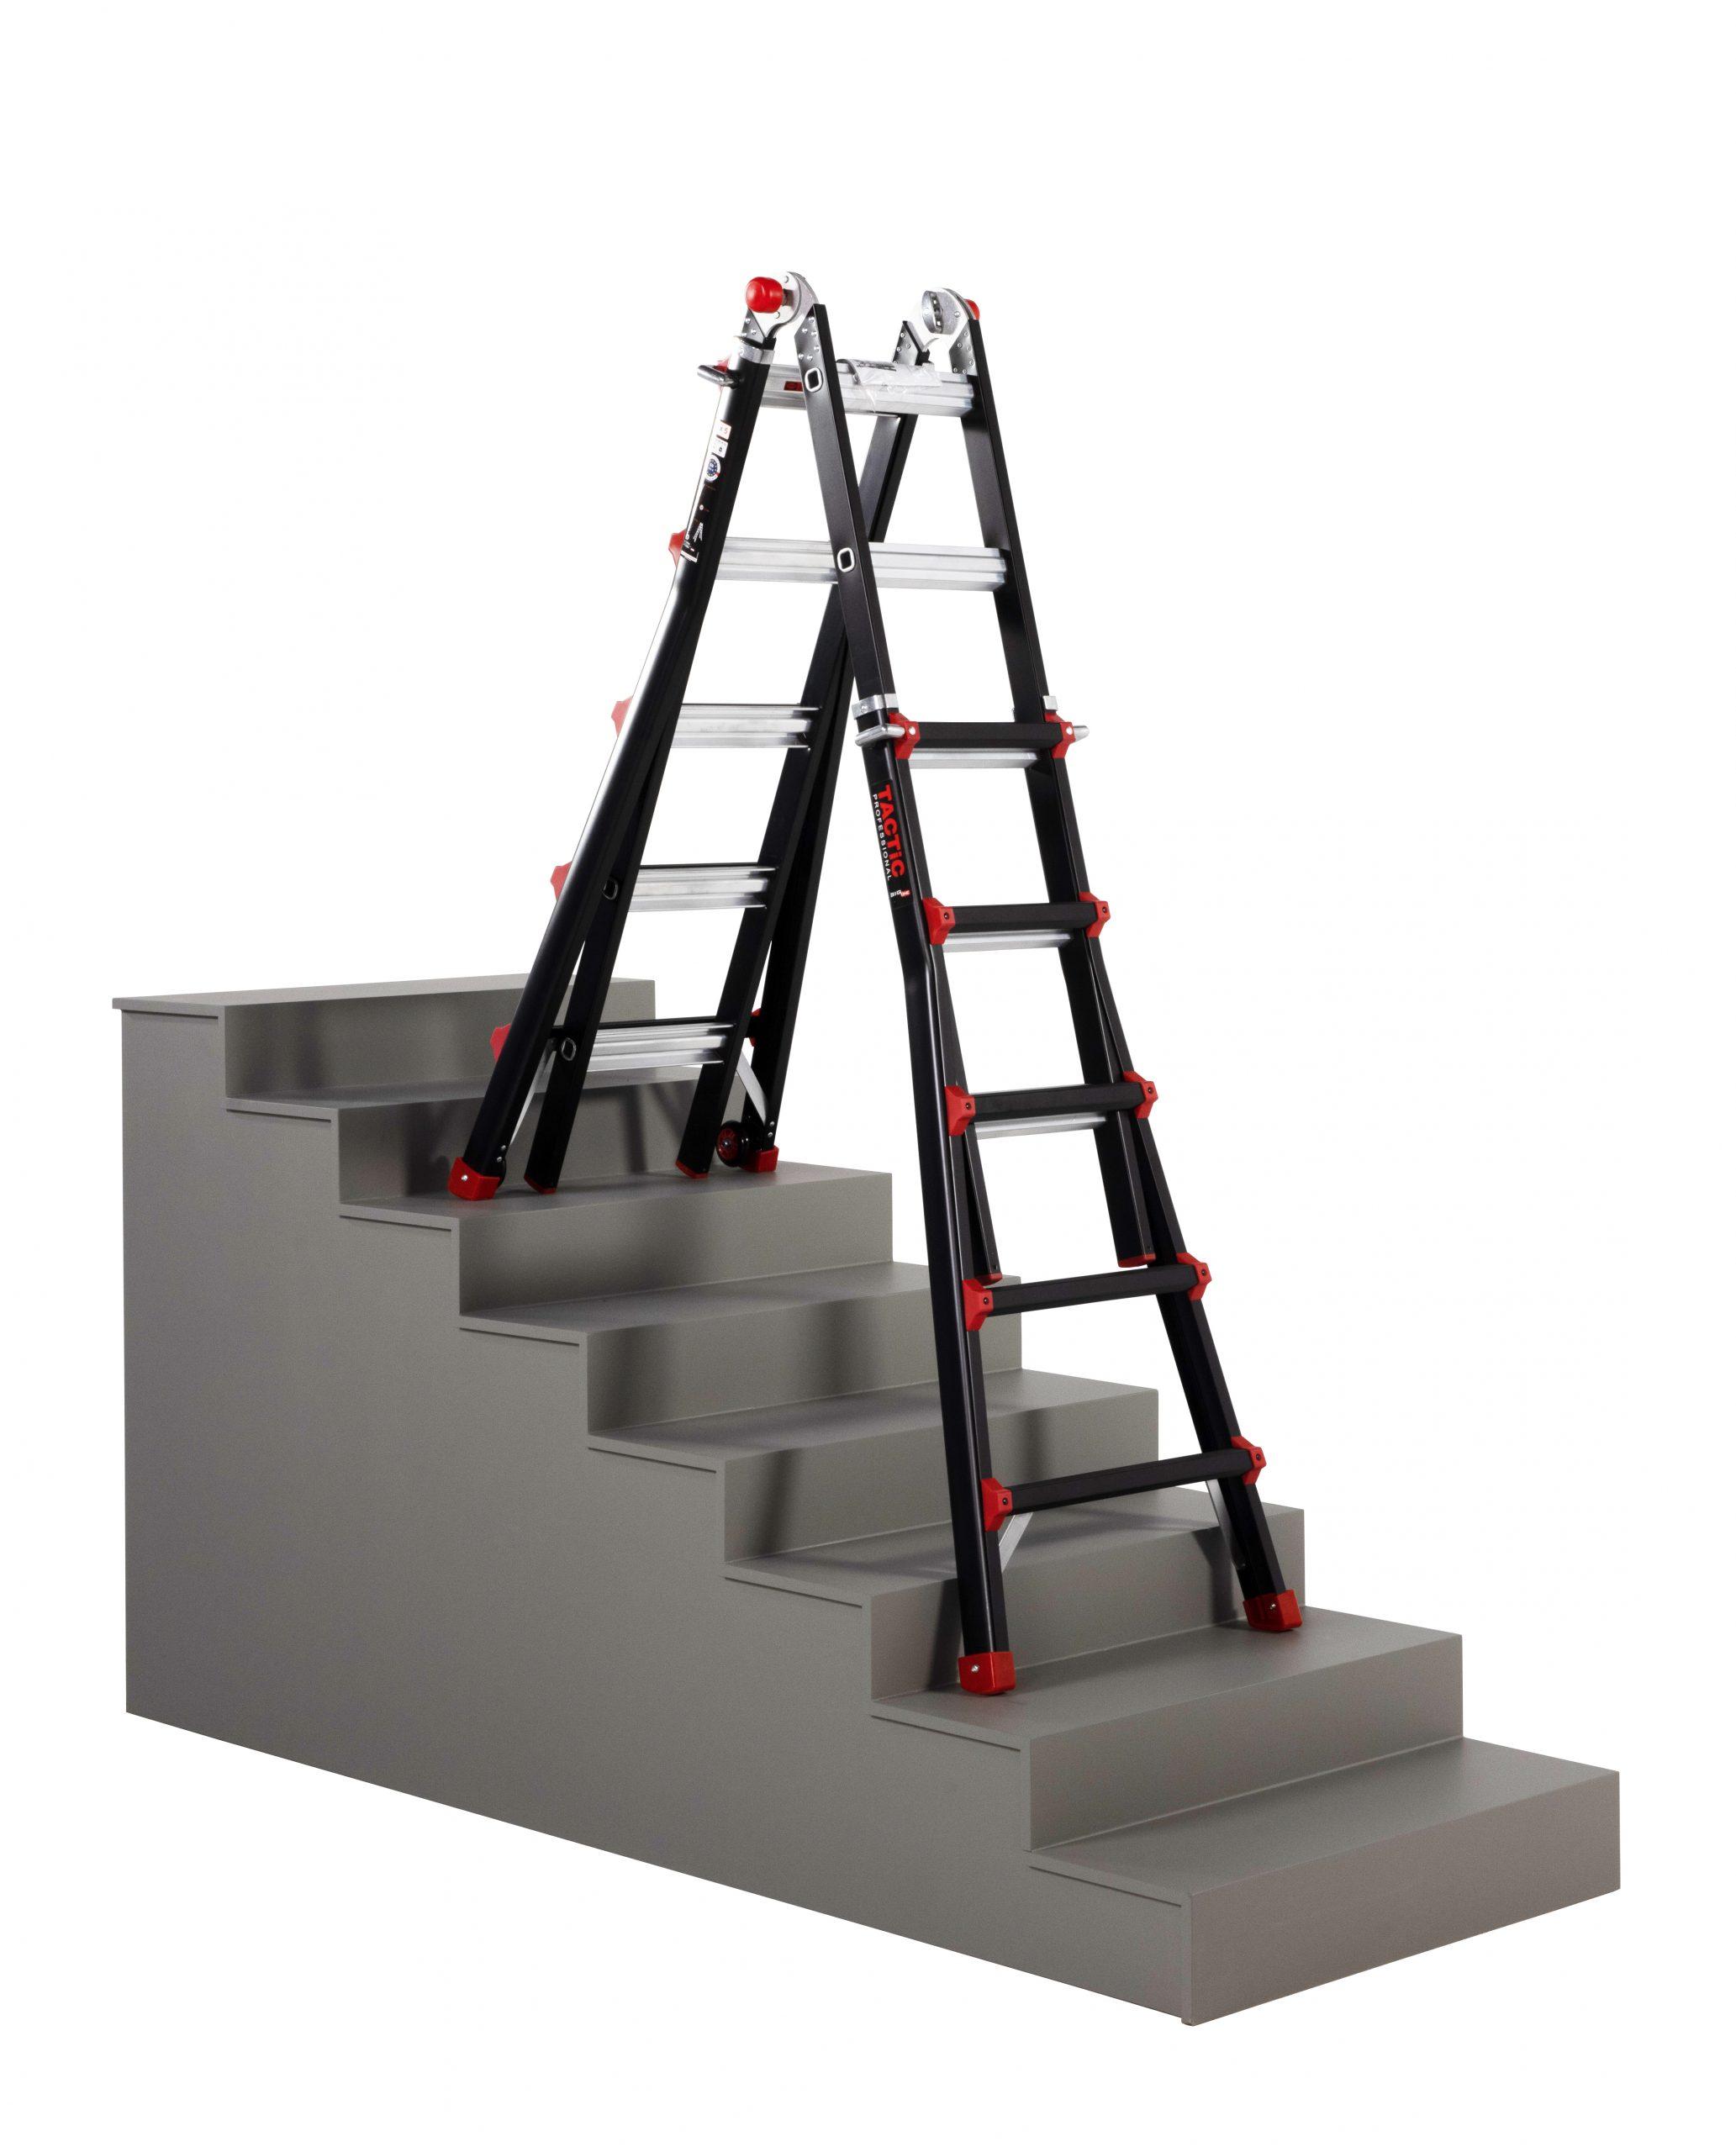 4x5 uitgeschoven op trap